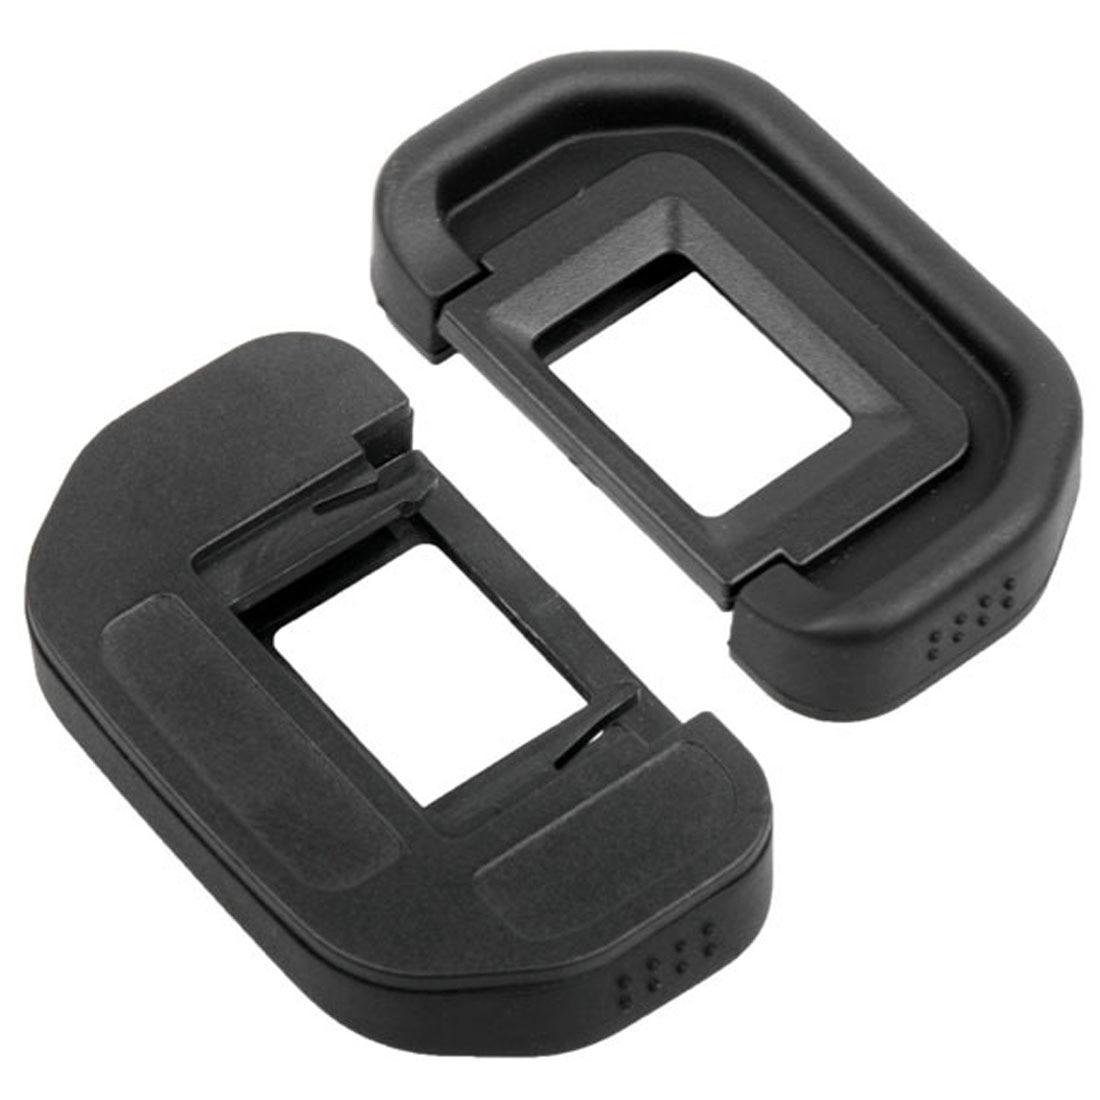 Centechia Hot Selling Camera Rubber Eye Cup EyeCup Eyepiece for Canon EOS 60D 50D 5D Mark II 5D2 40D 30D 20D 10D 1100D 1000D